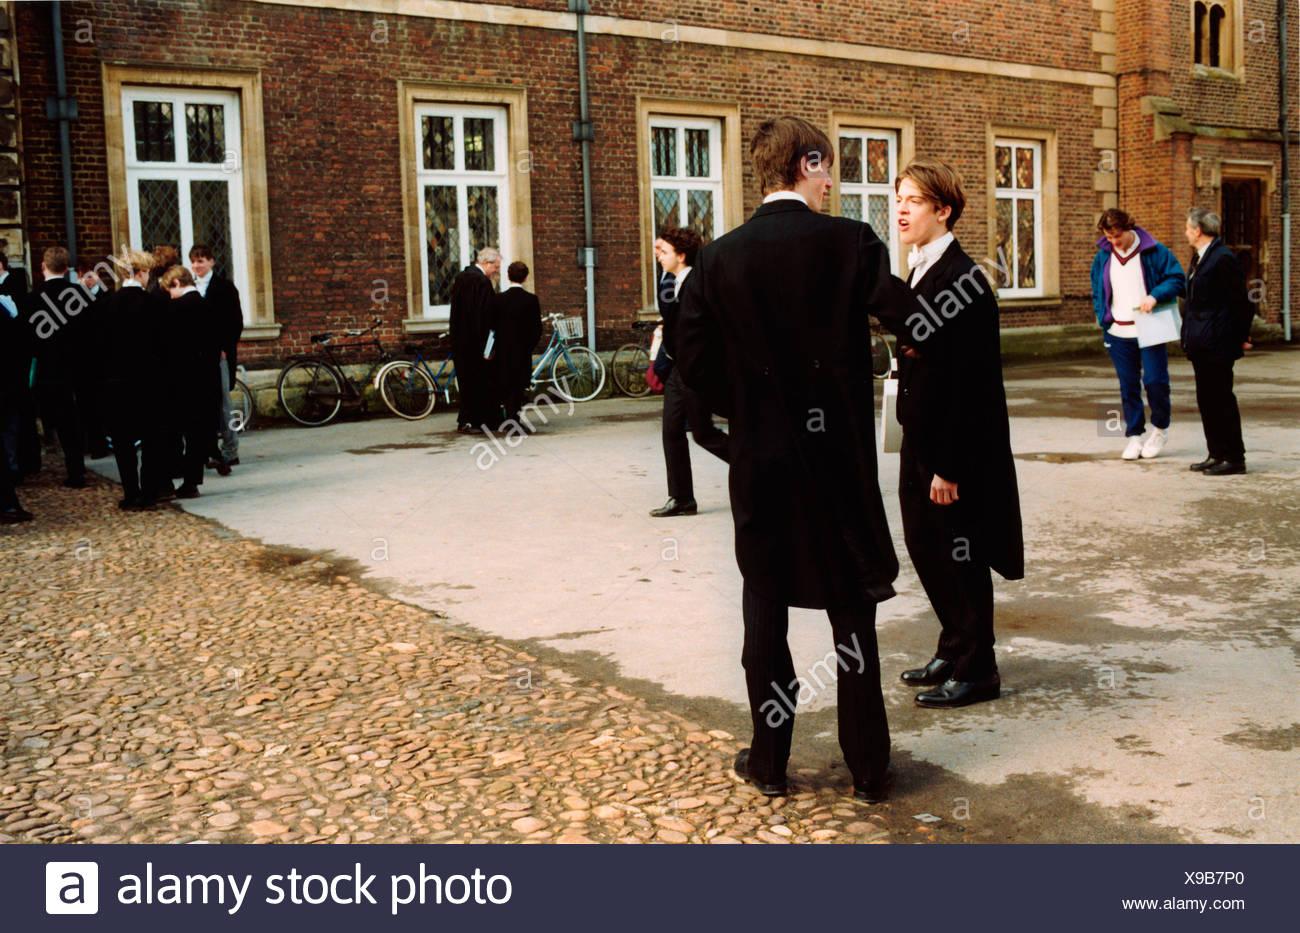 Pupils at Eton Public School UK - Stock Image